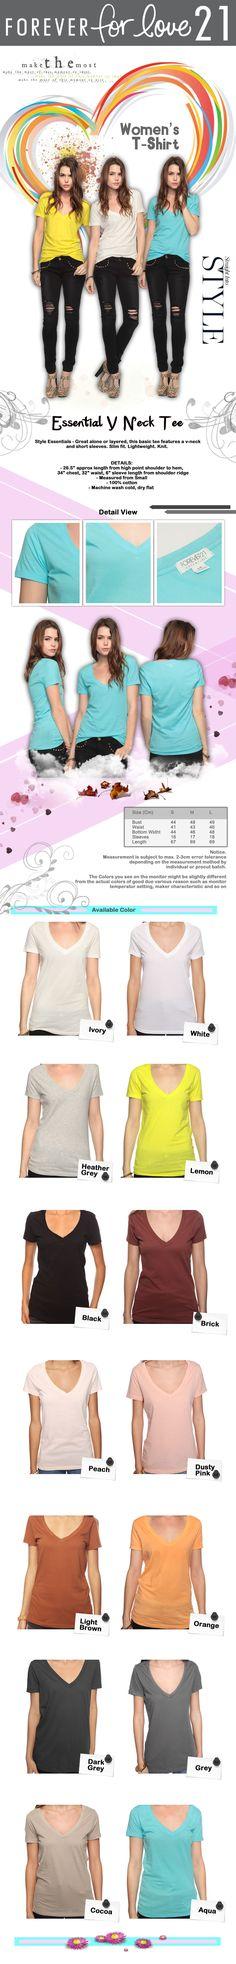 F21 basic t-shirt